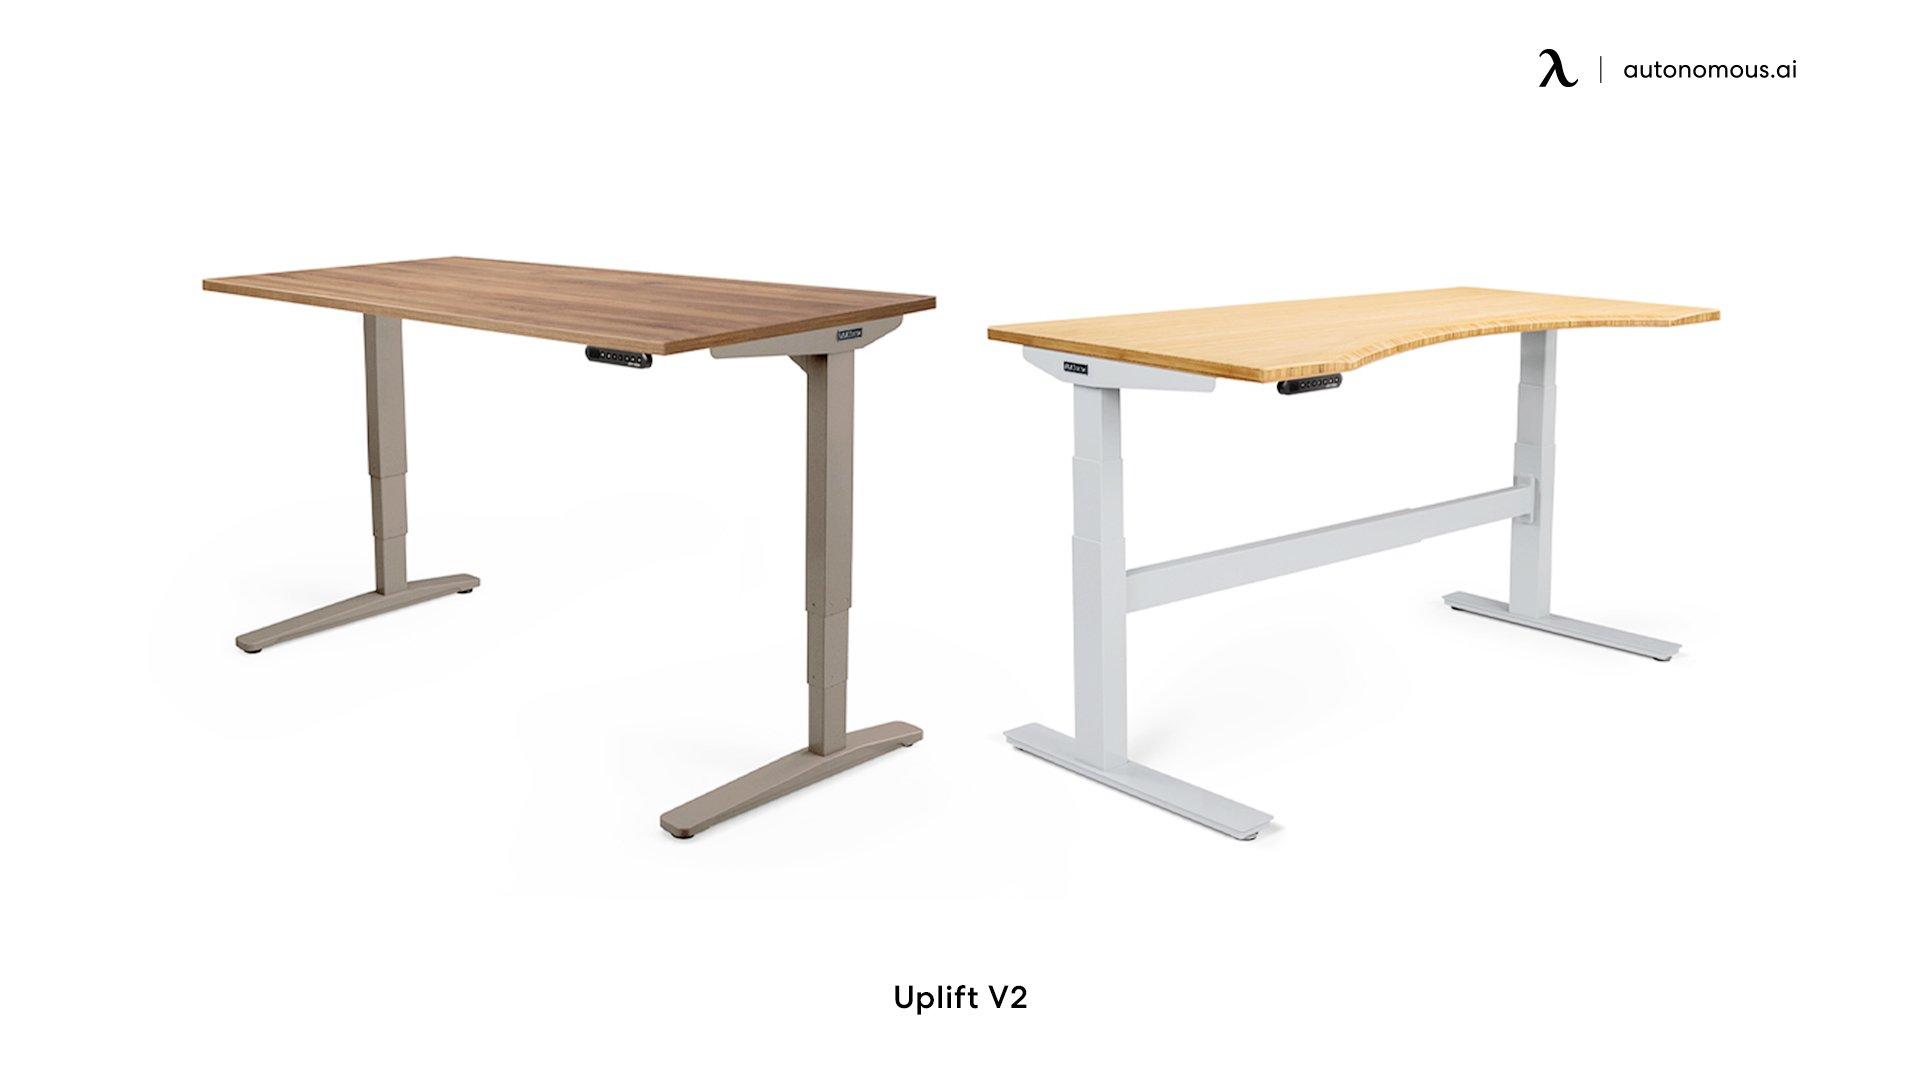 Uplift V2